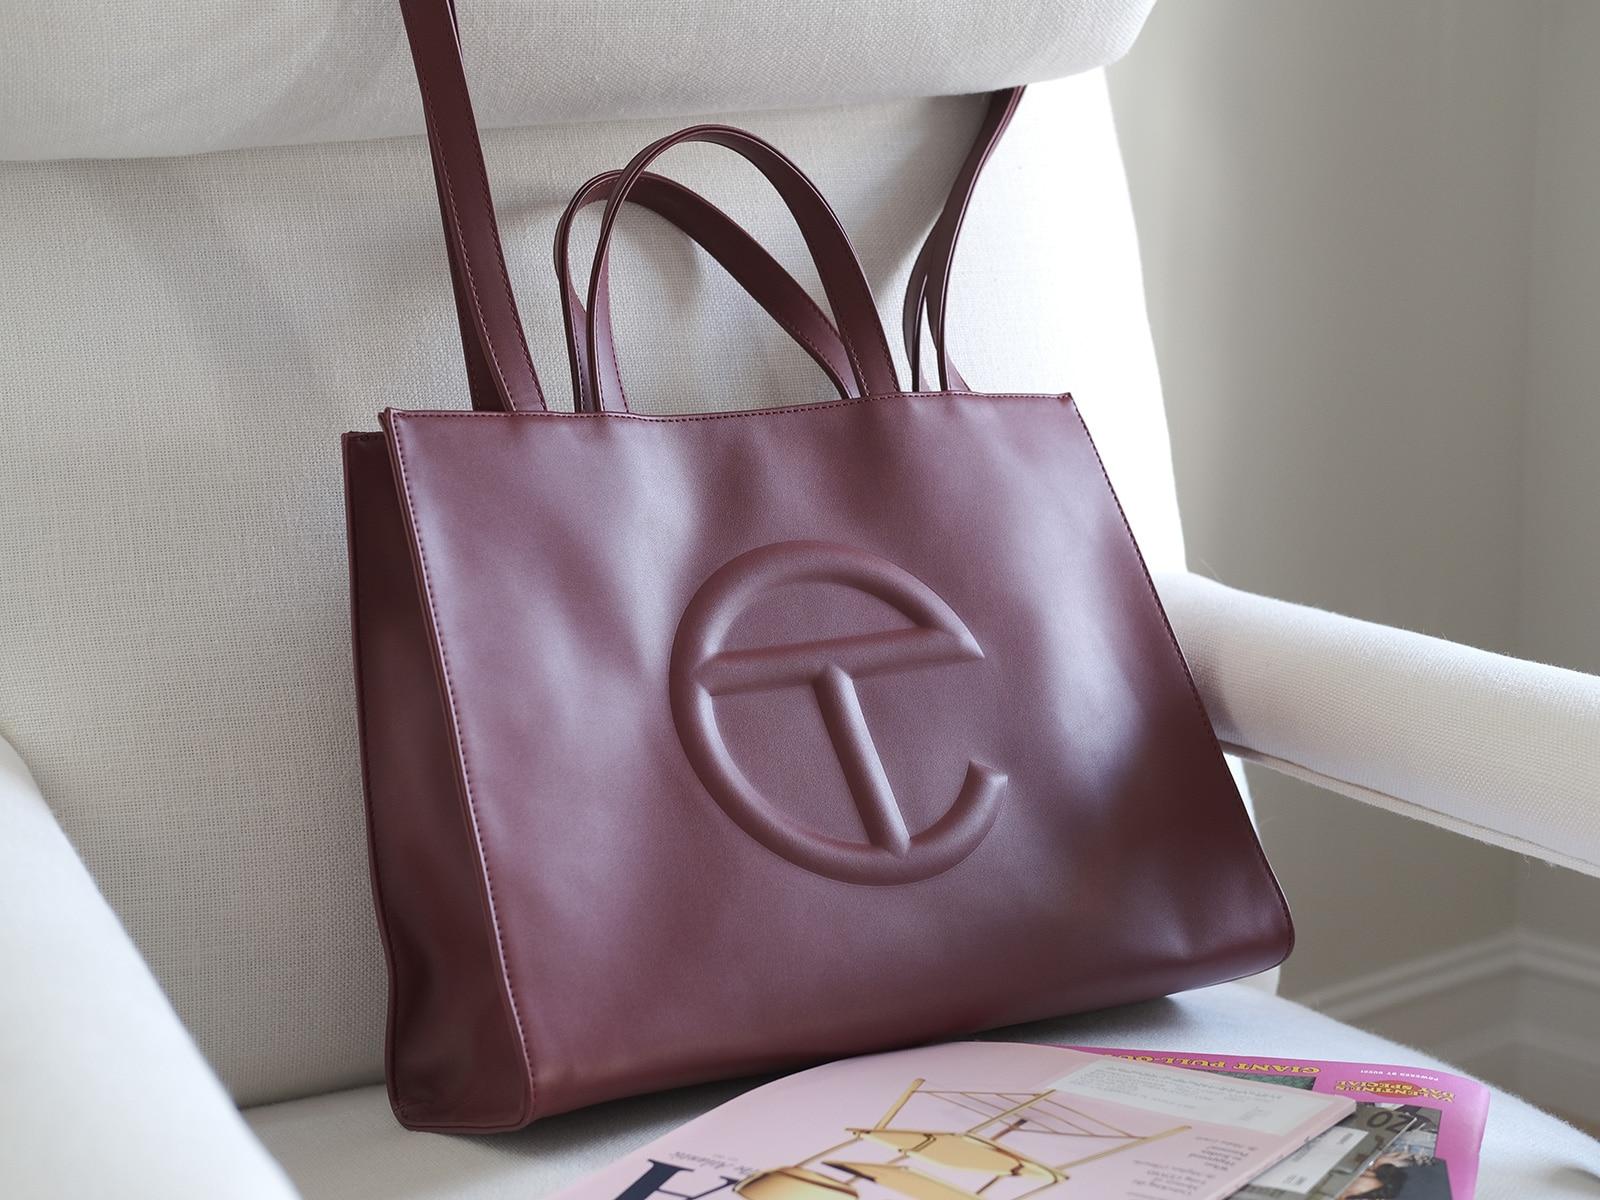 Telfar Bag Security Program